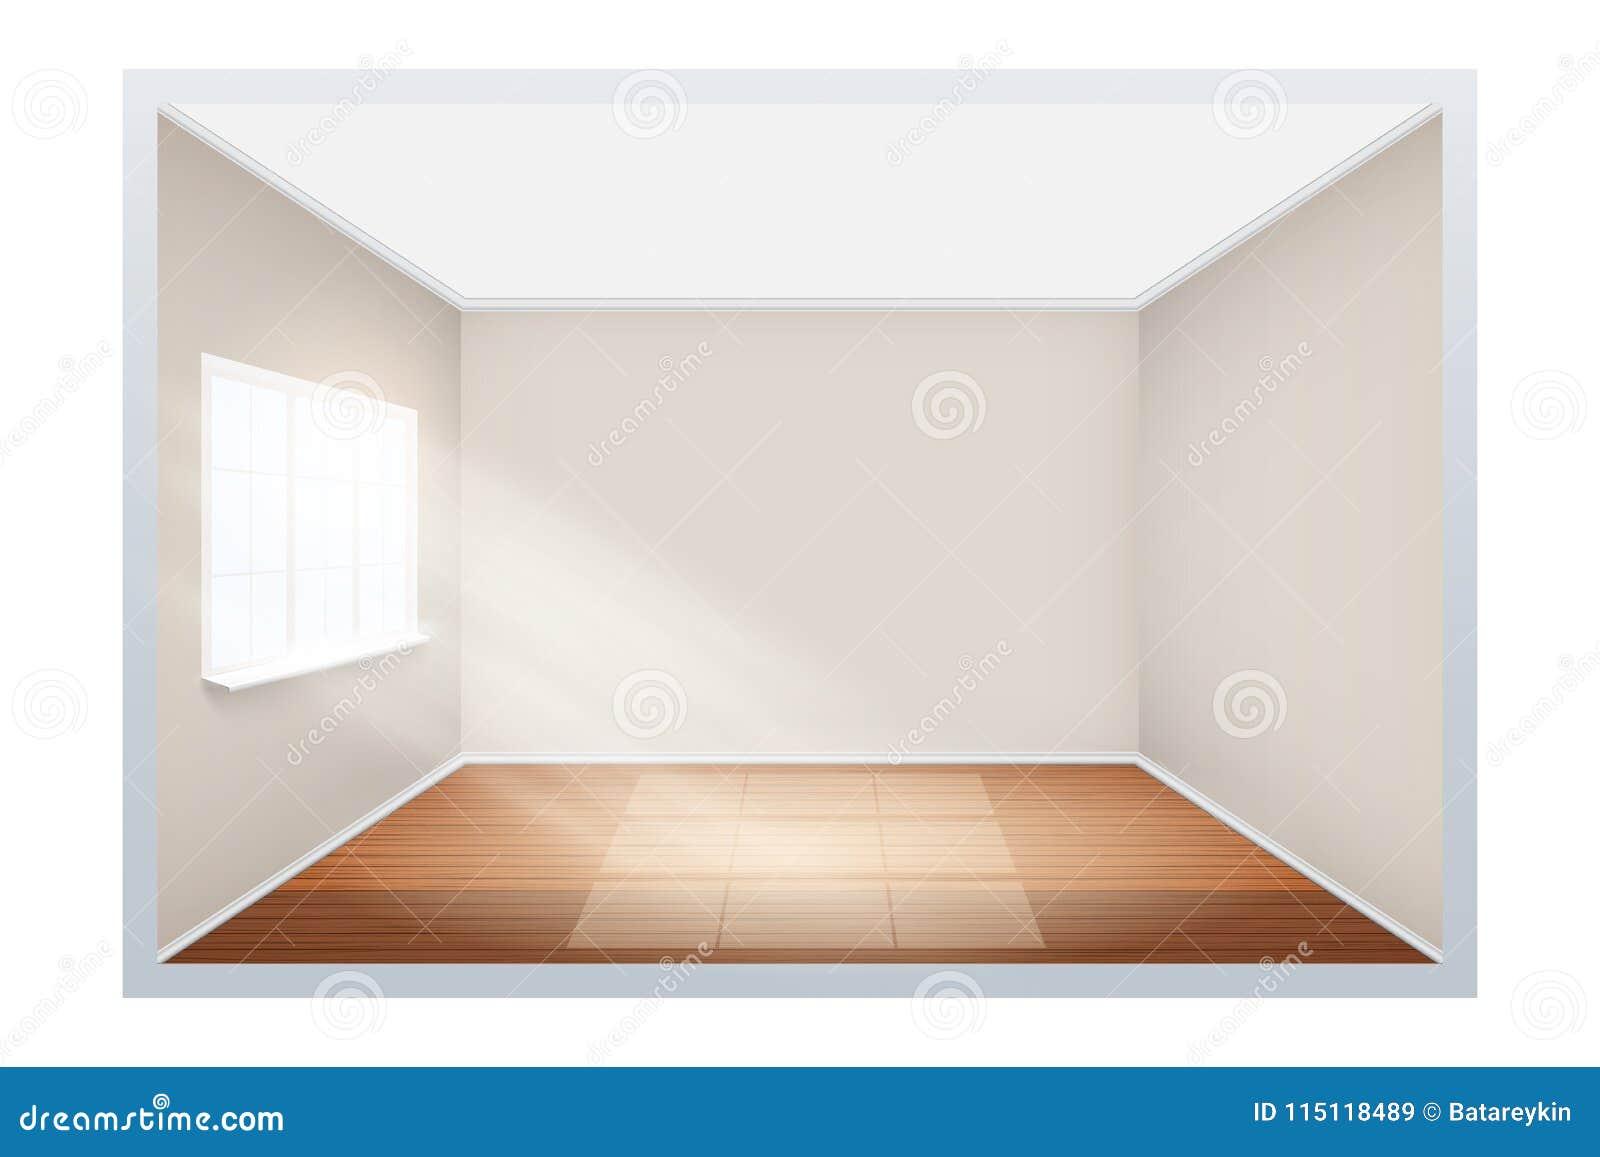 Exemplo da sala vazia com a janela no lado